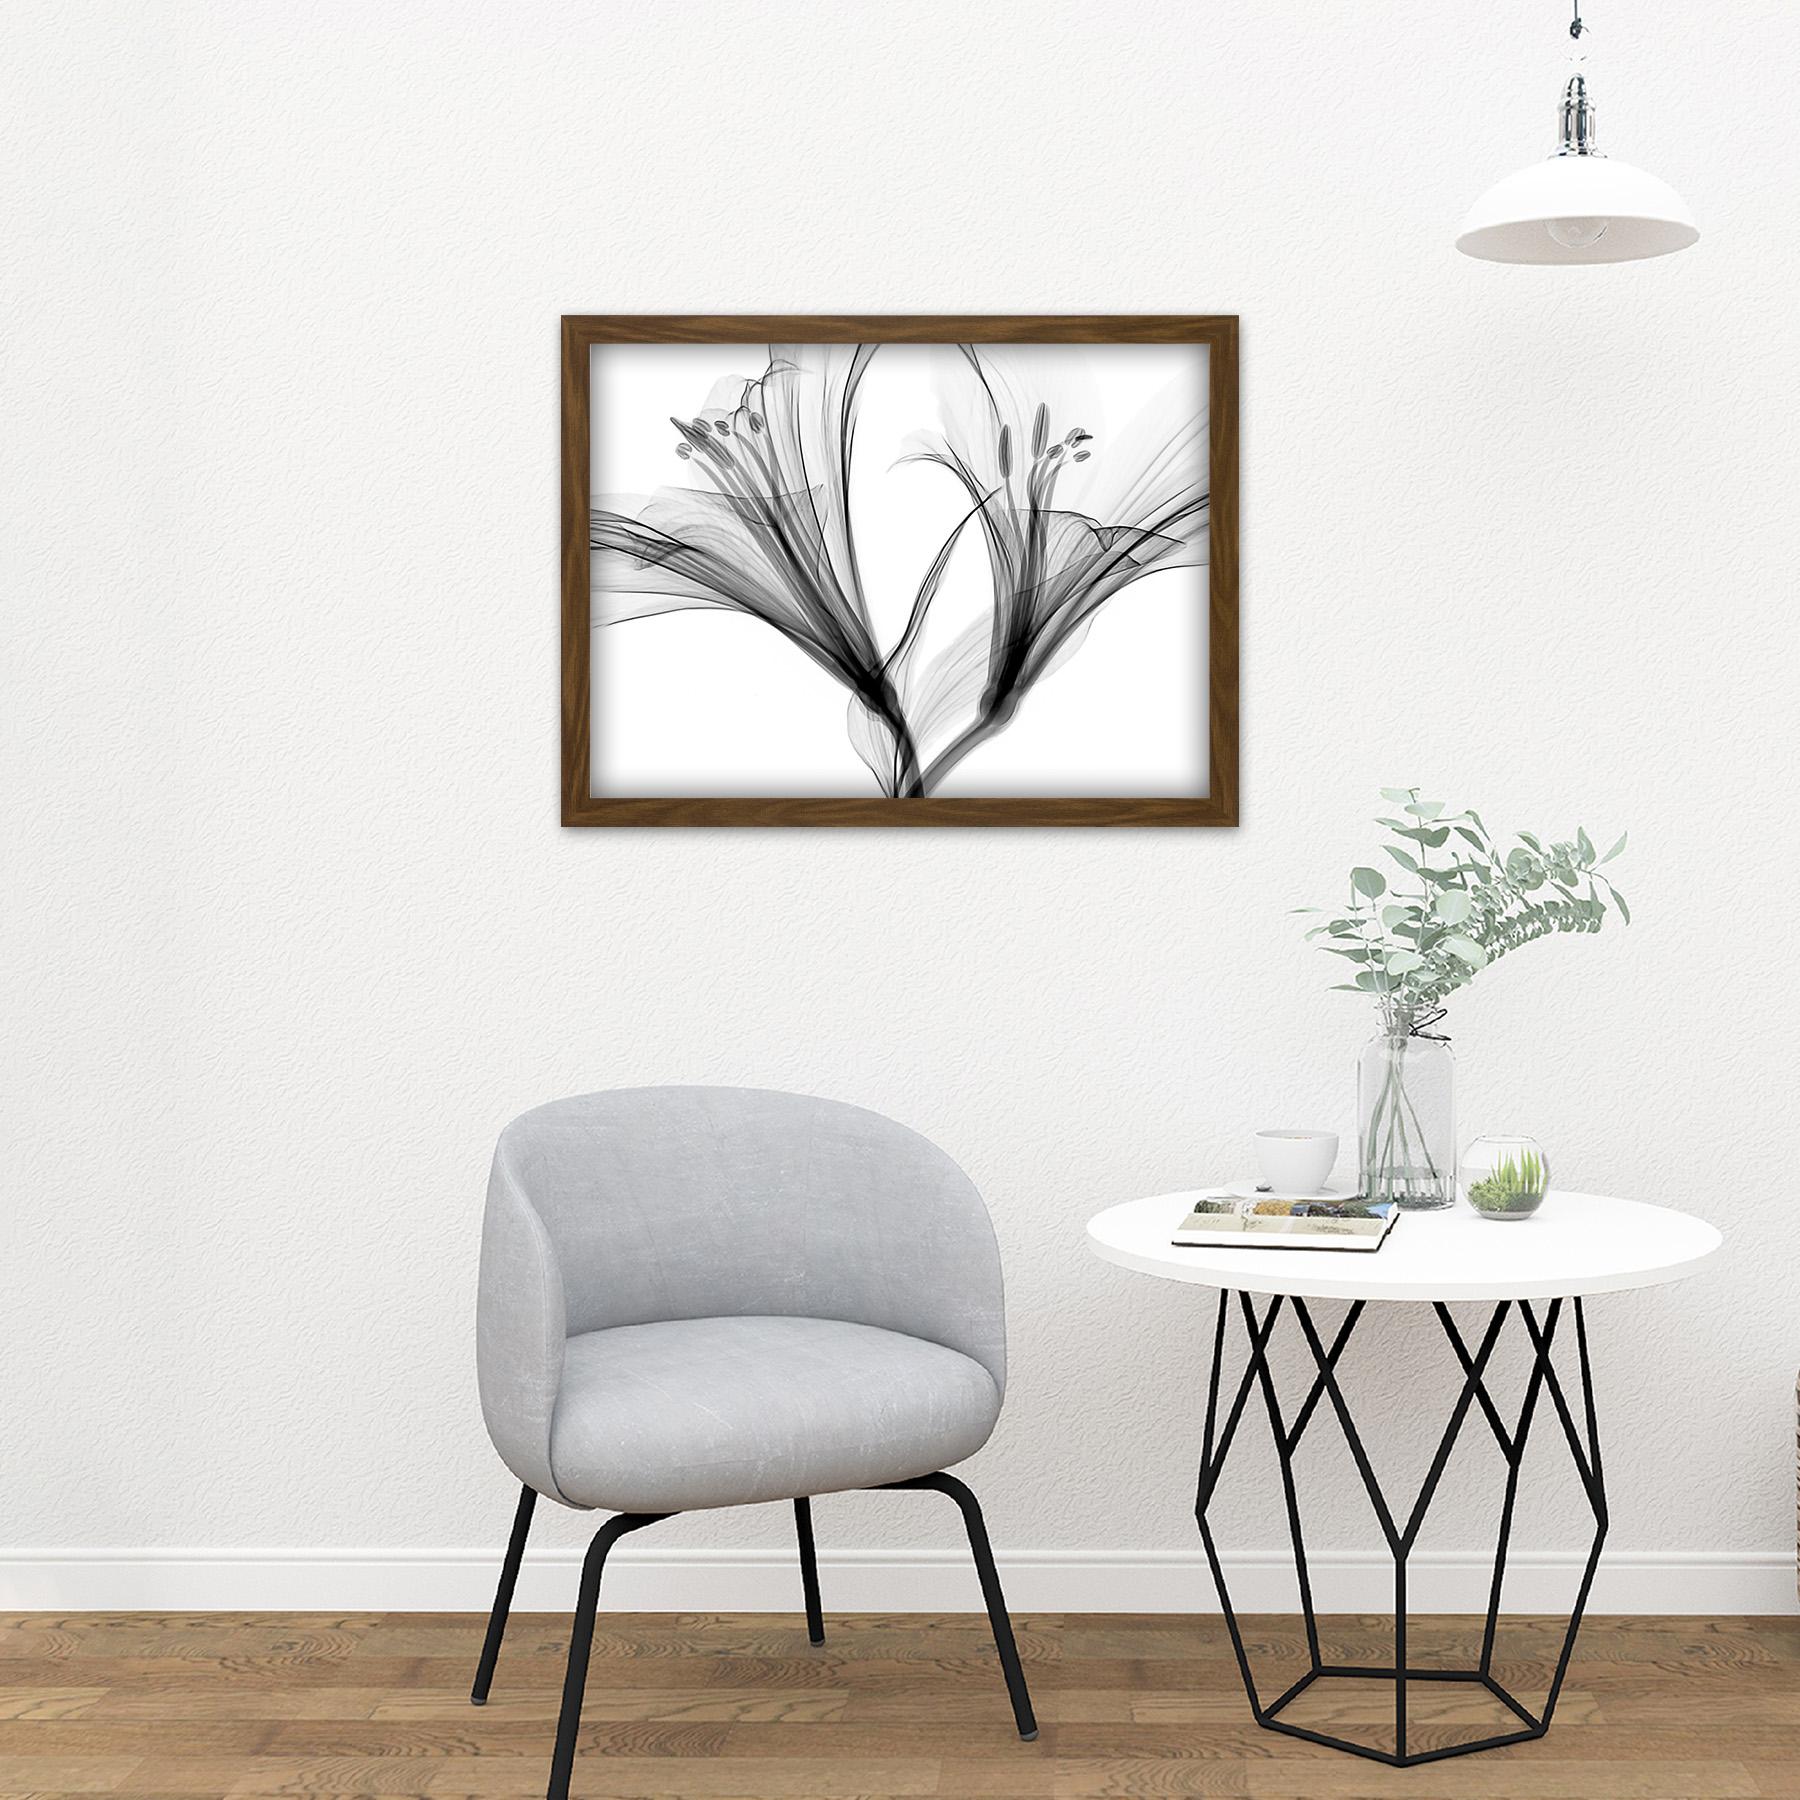 Schwartz NJIT grises Flores rayos X transparente foto enmarcada pared arte impresión